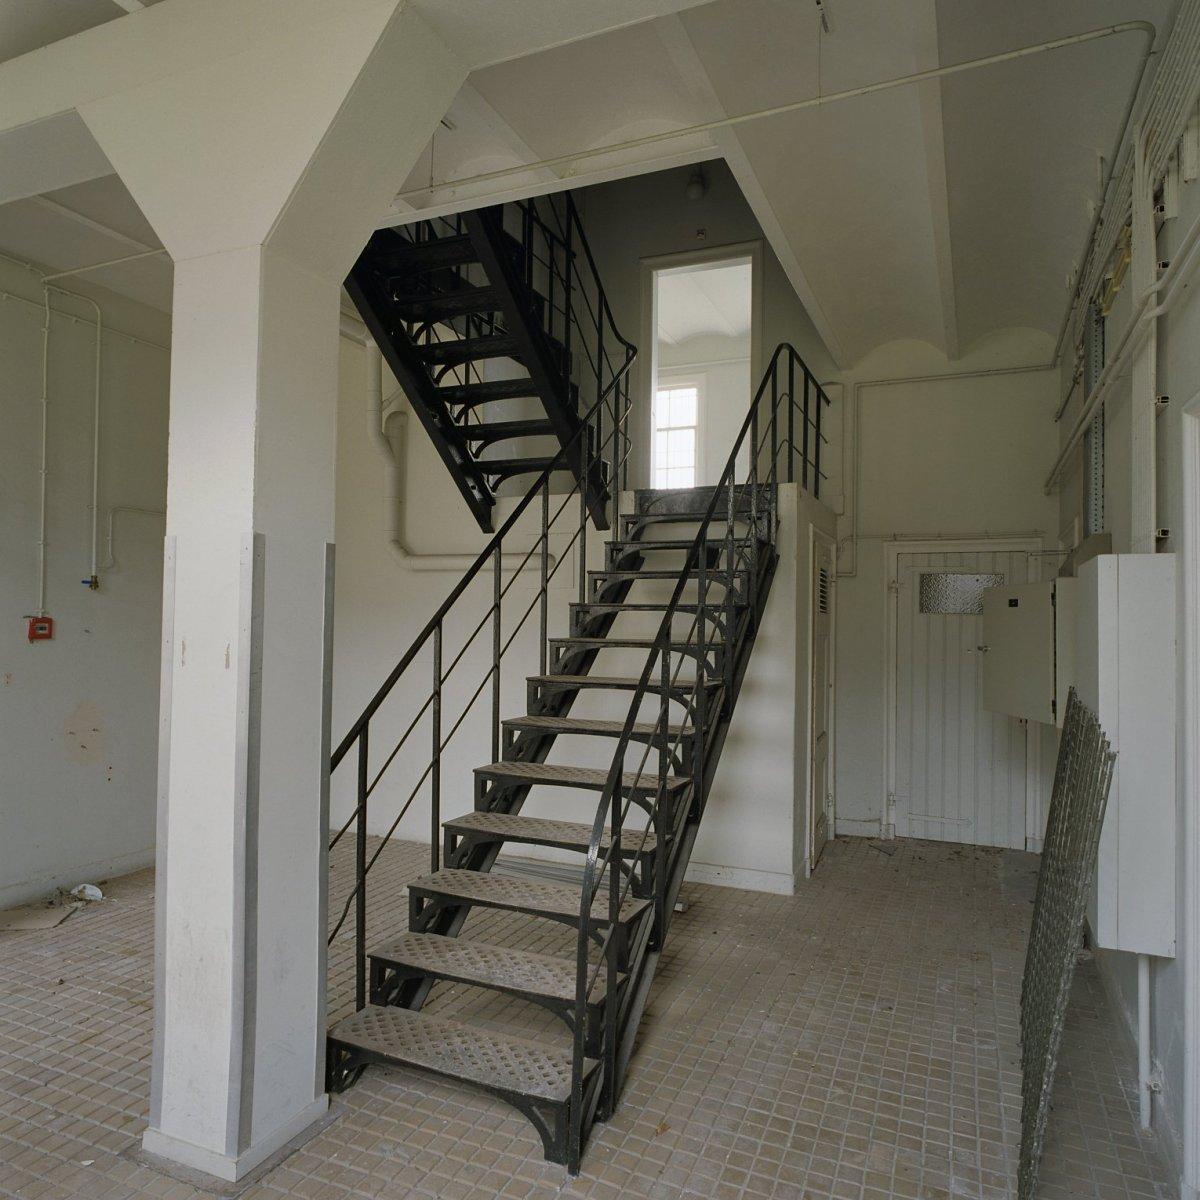 File interieur overzicht van trappenhuis veenhuizen 20383576 wikimedia commons - Decoratie van trappenhuis ...